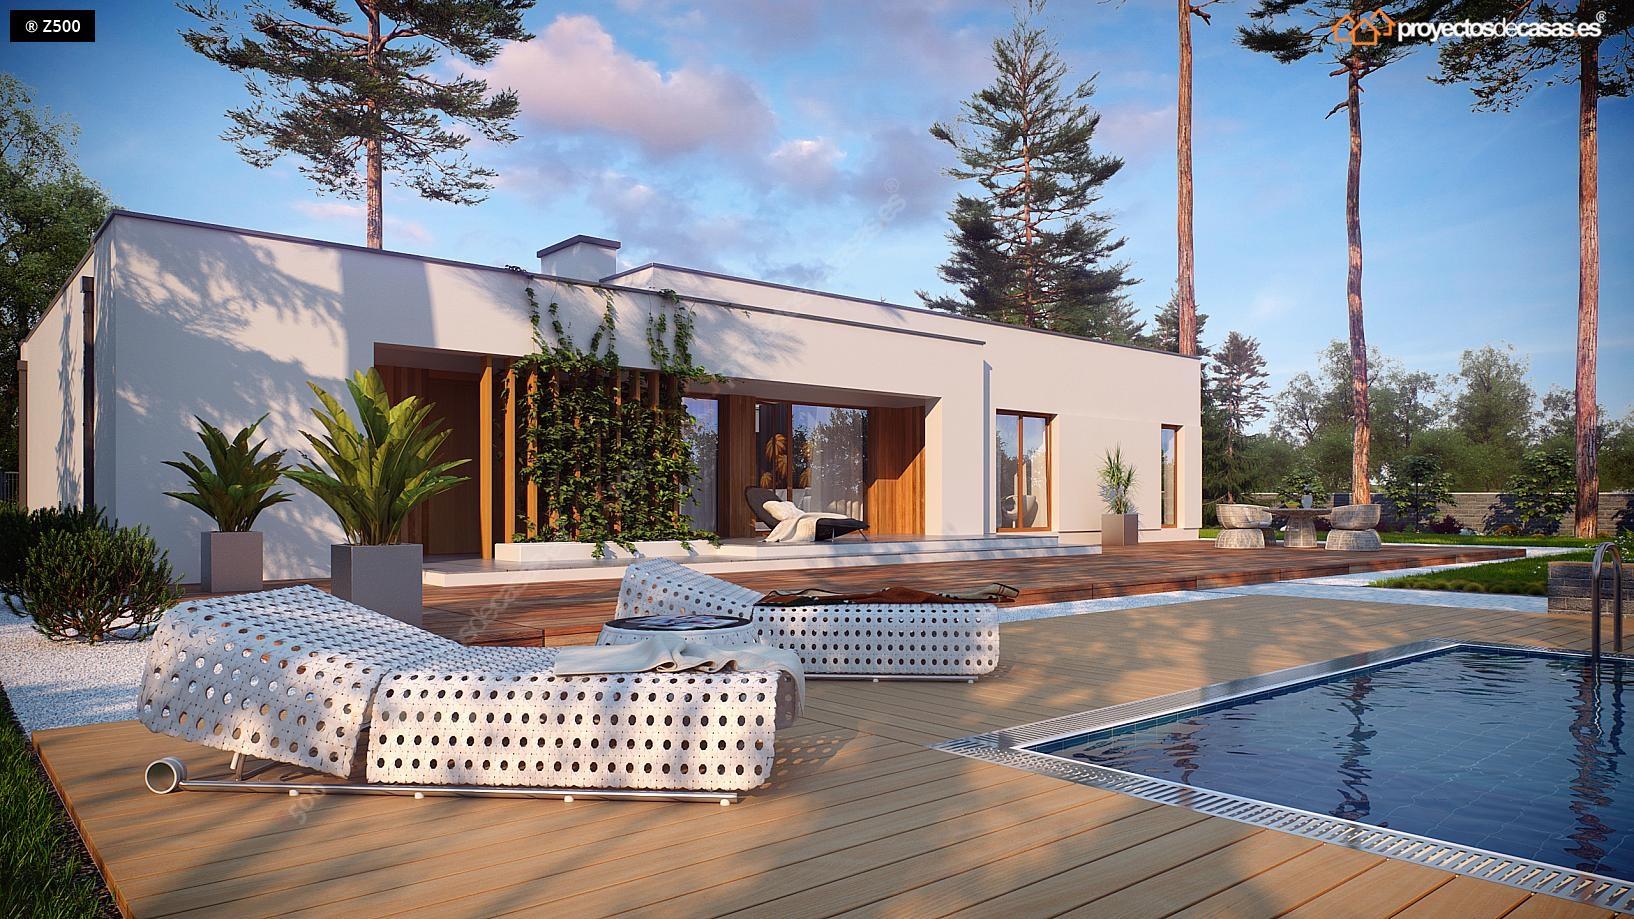 Proyectos de casas casa minimalista de 1 planta con for Proyectos casas minimalistas